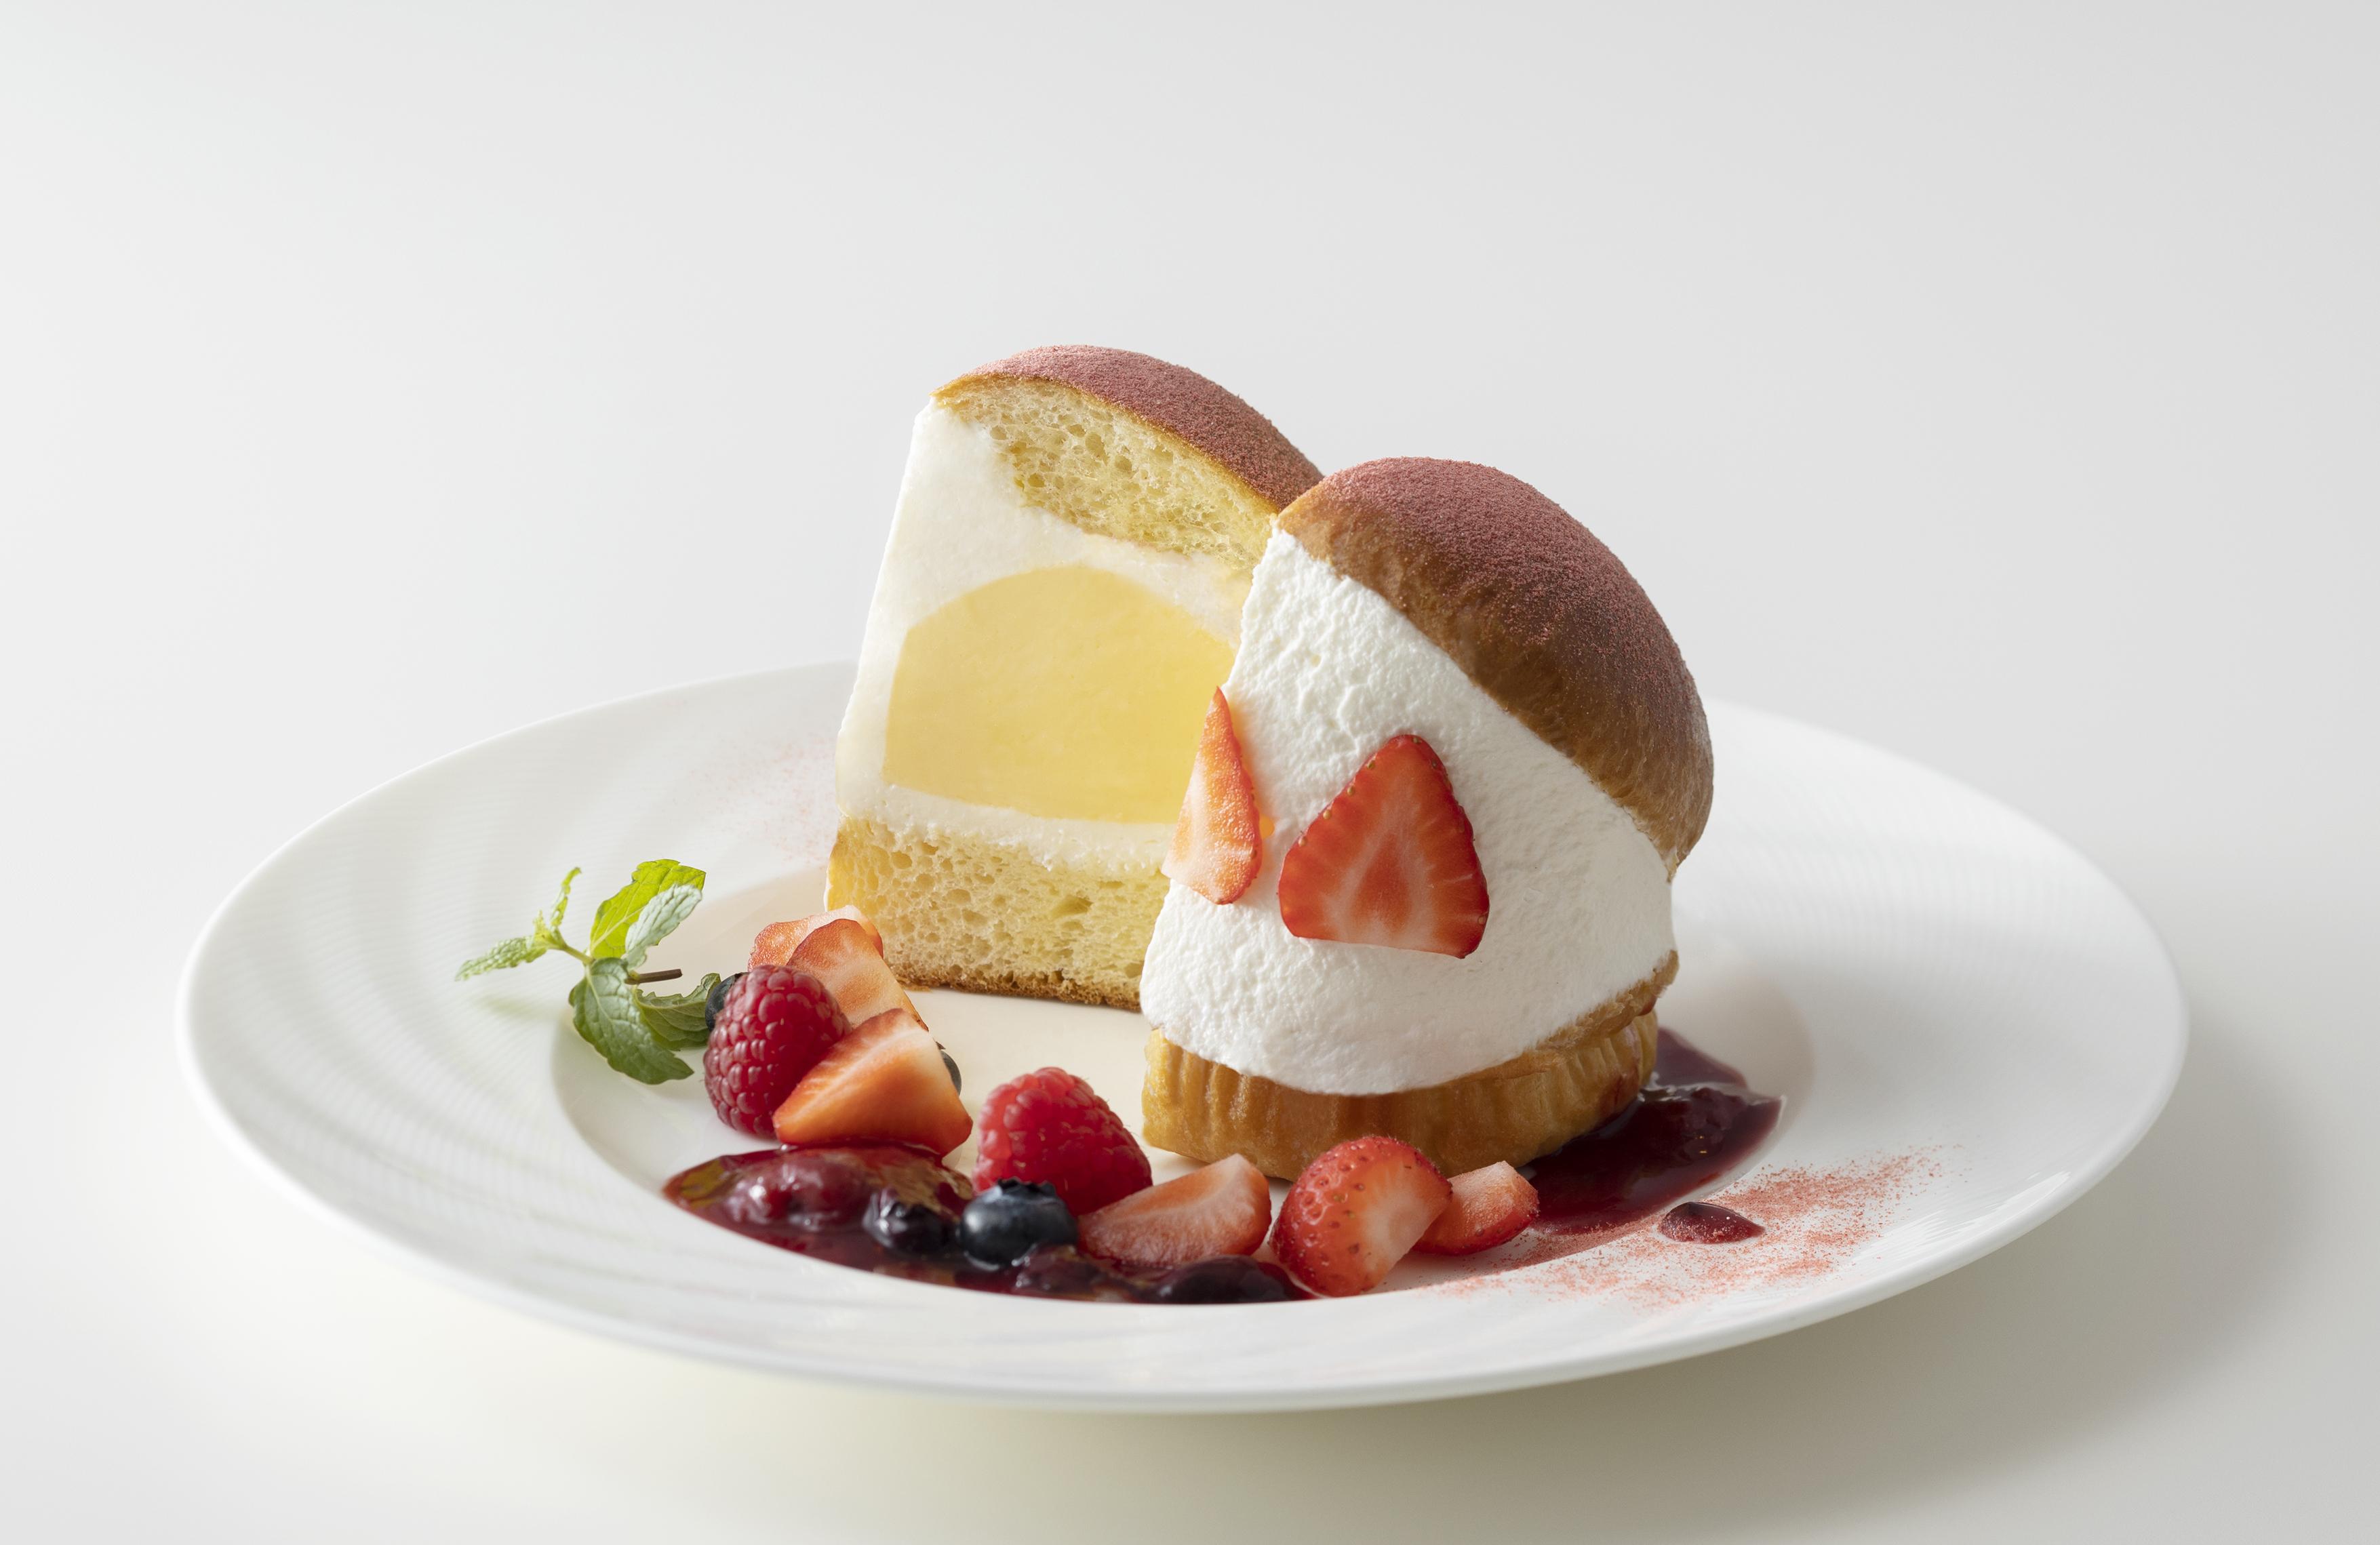 マリトッツォアイスクリーム いちご